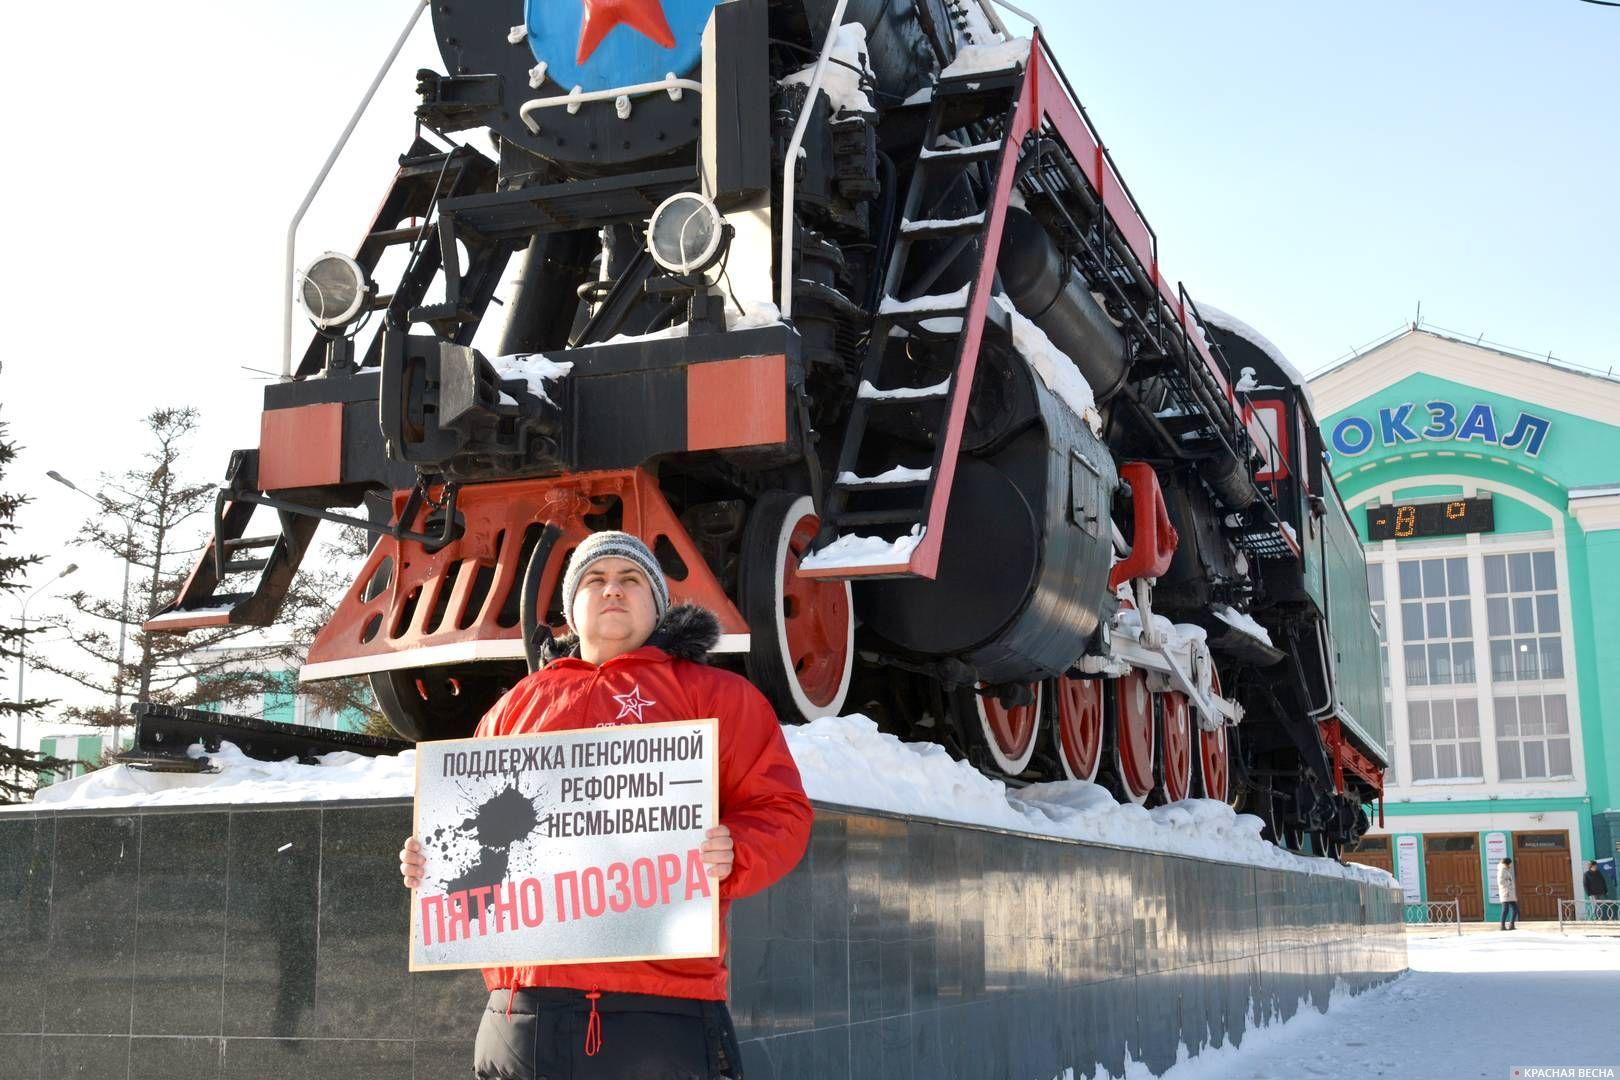 20200204_16-55-«Новое правительство не хочет слышать народ!» — «День людоеда» в Кузбассе-pic1